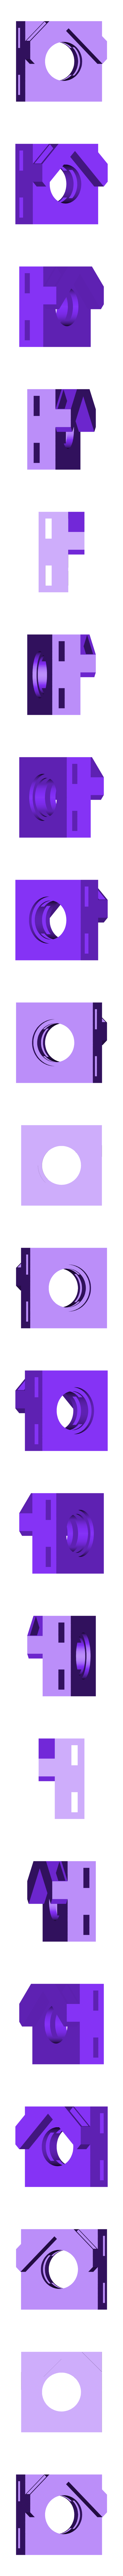 cuadrado.stl Download free STL file Marco de fotos ajustable • 3D print design, rodvelz